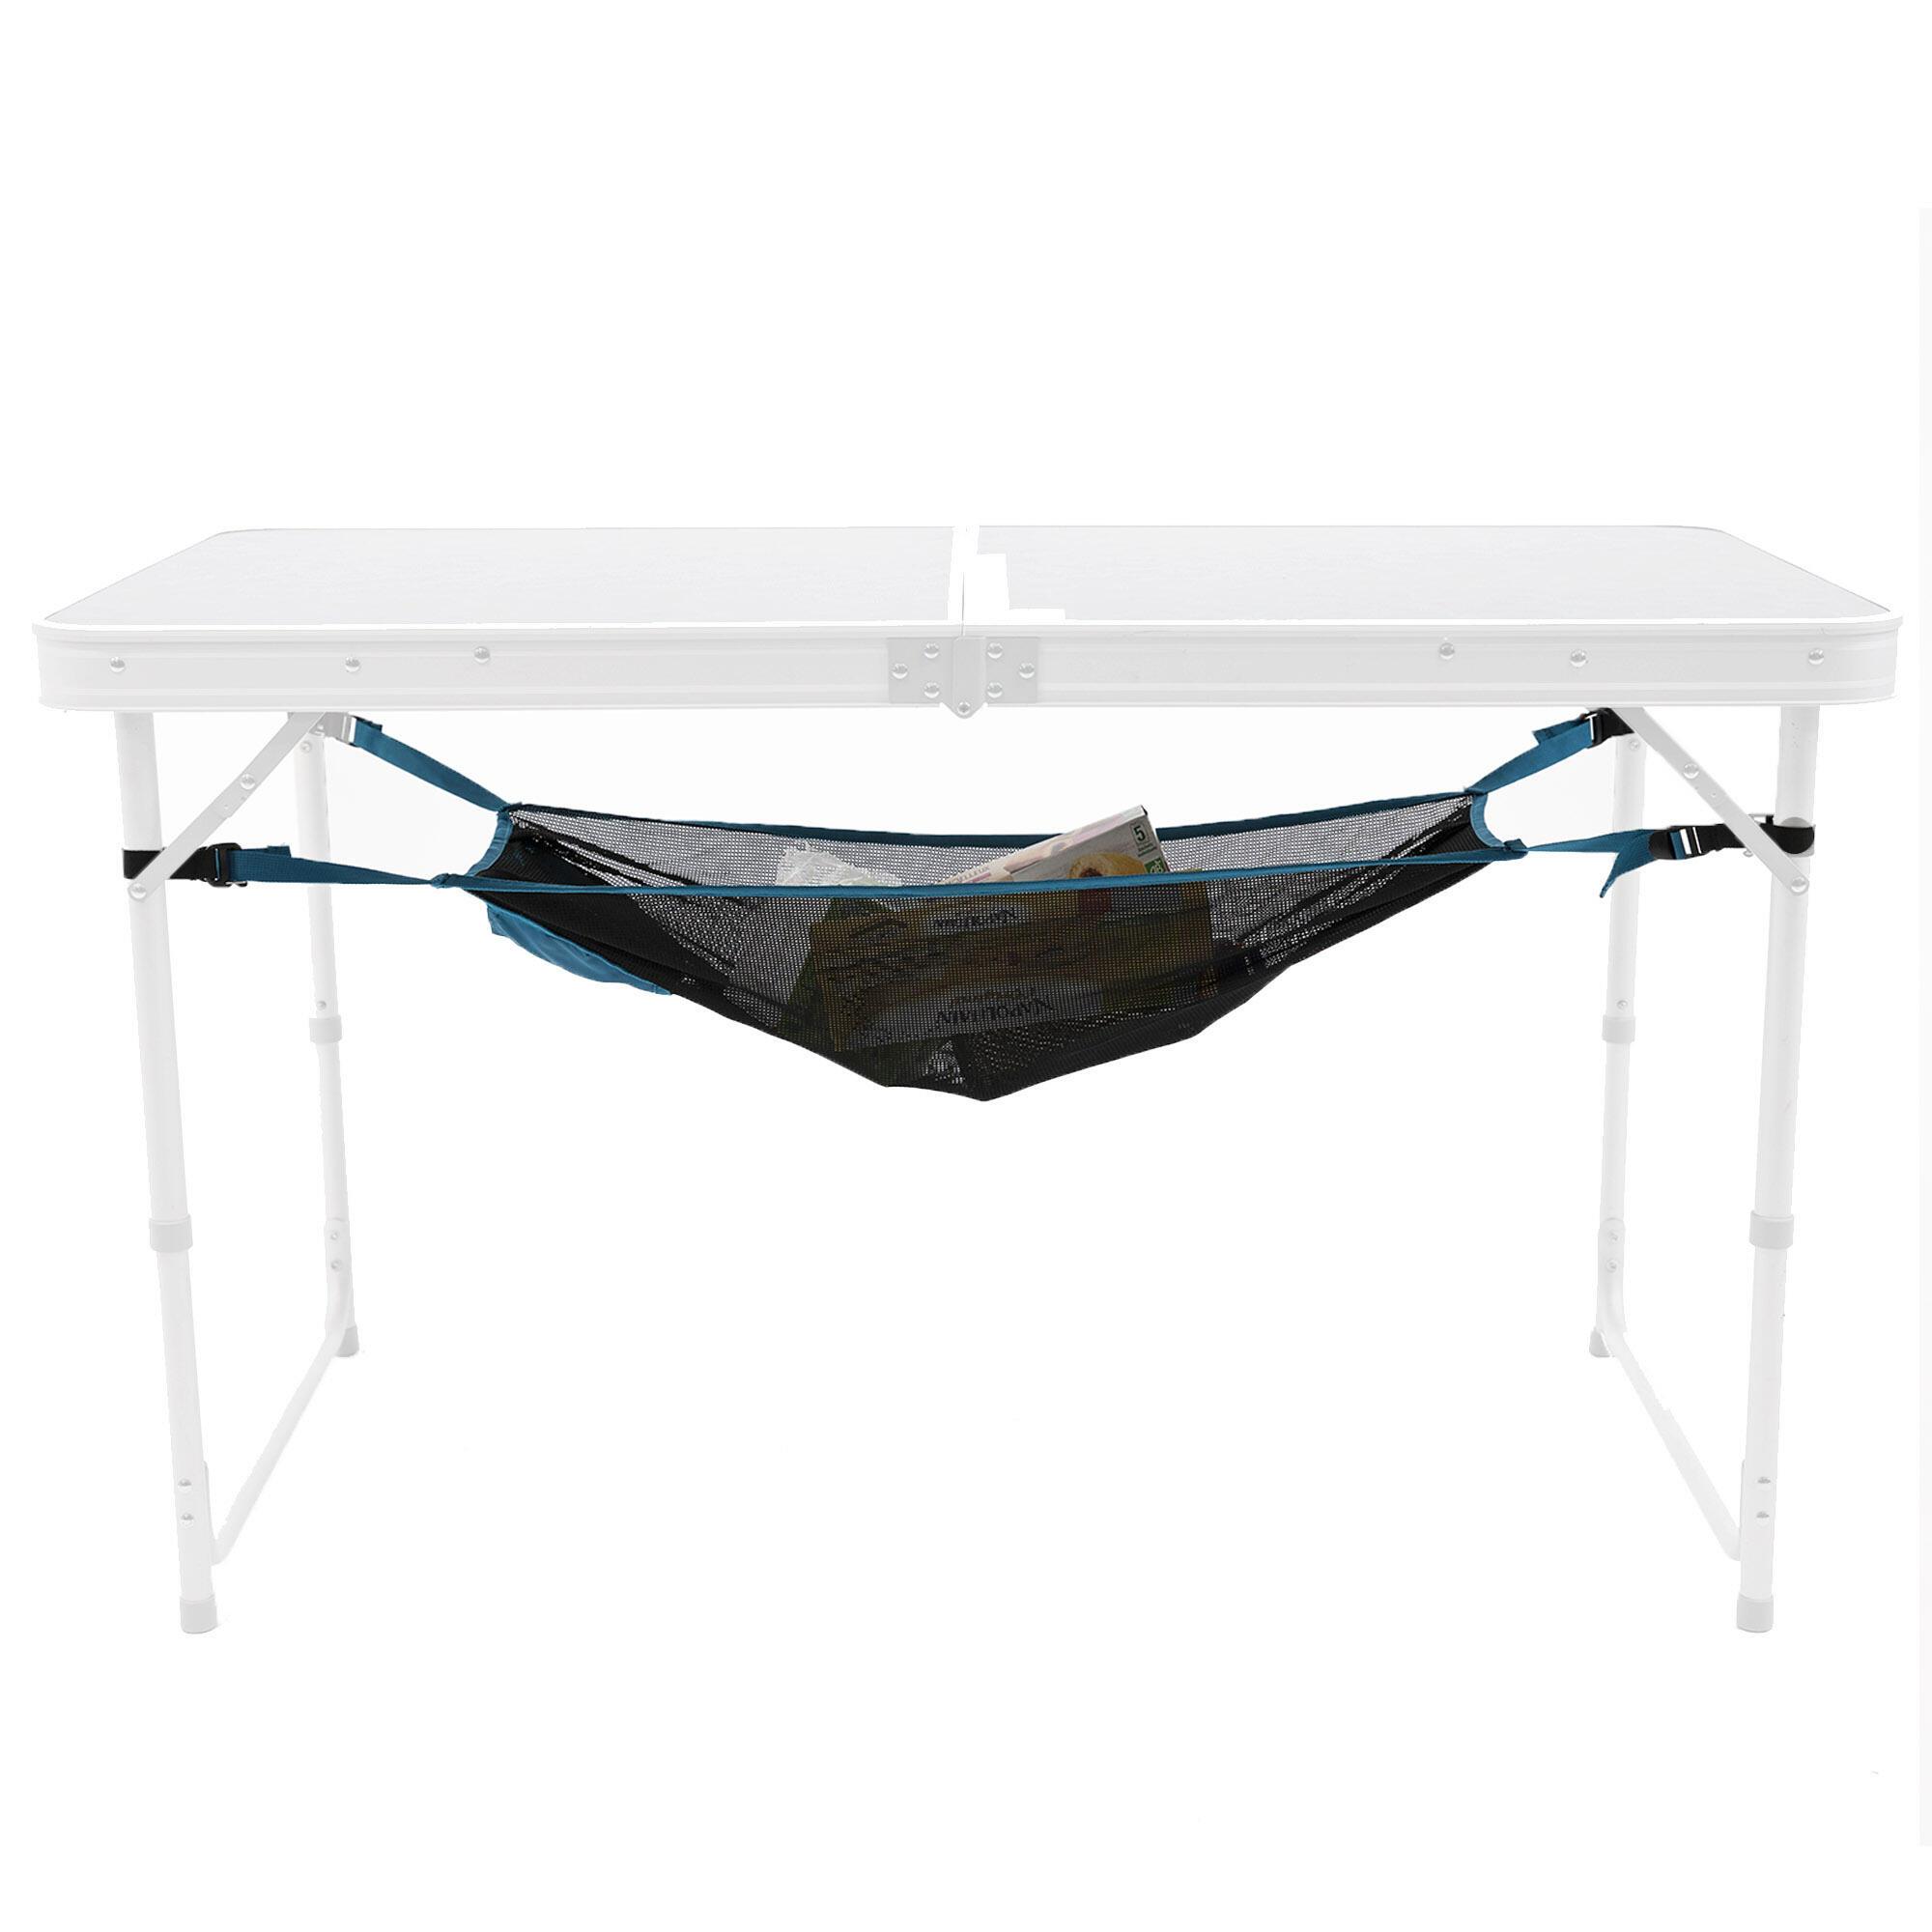 Comprar Sillas y mesas plegables de camping | Decathlon